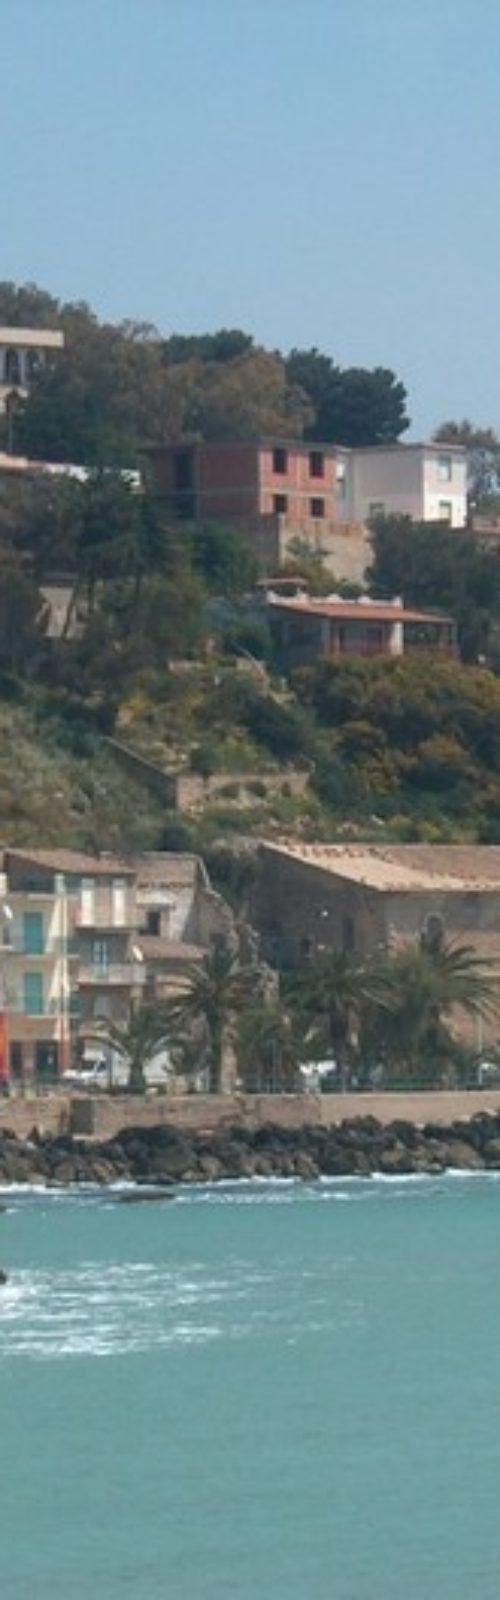 Marina di Palma 05